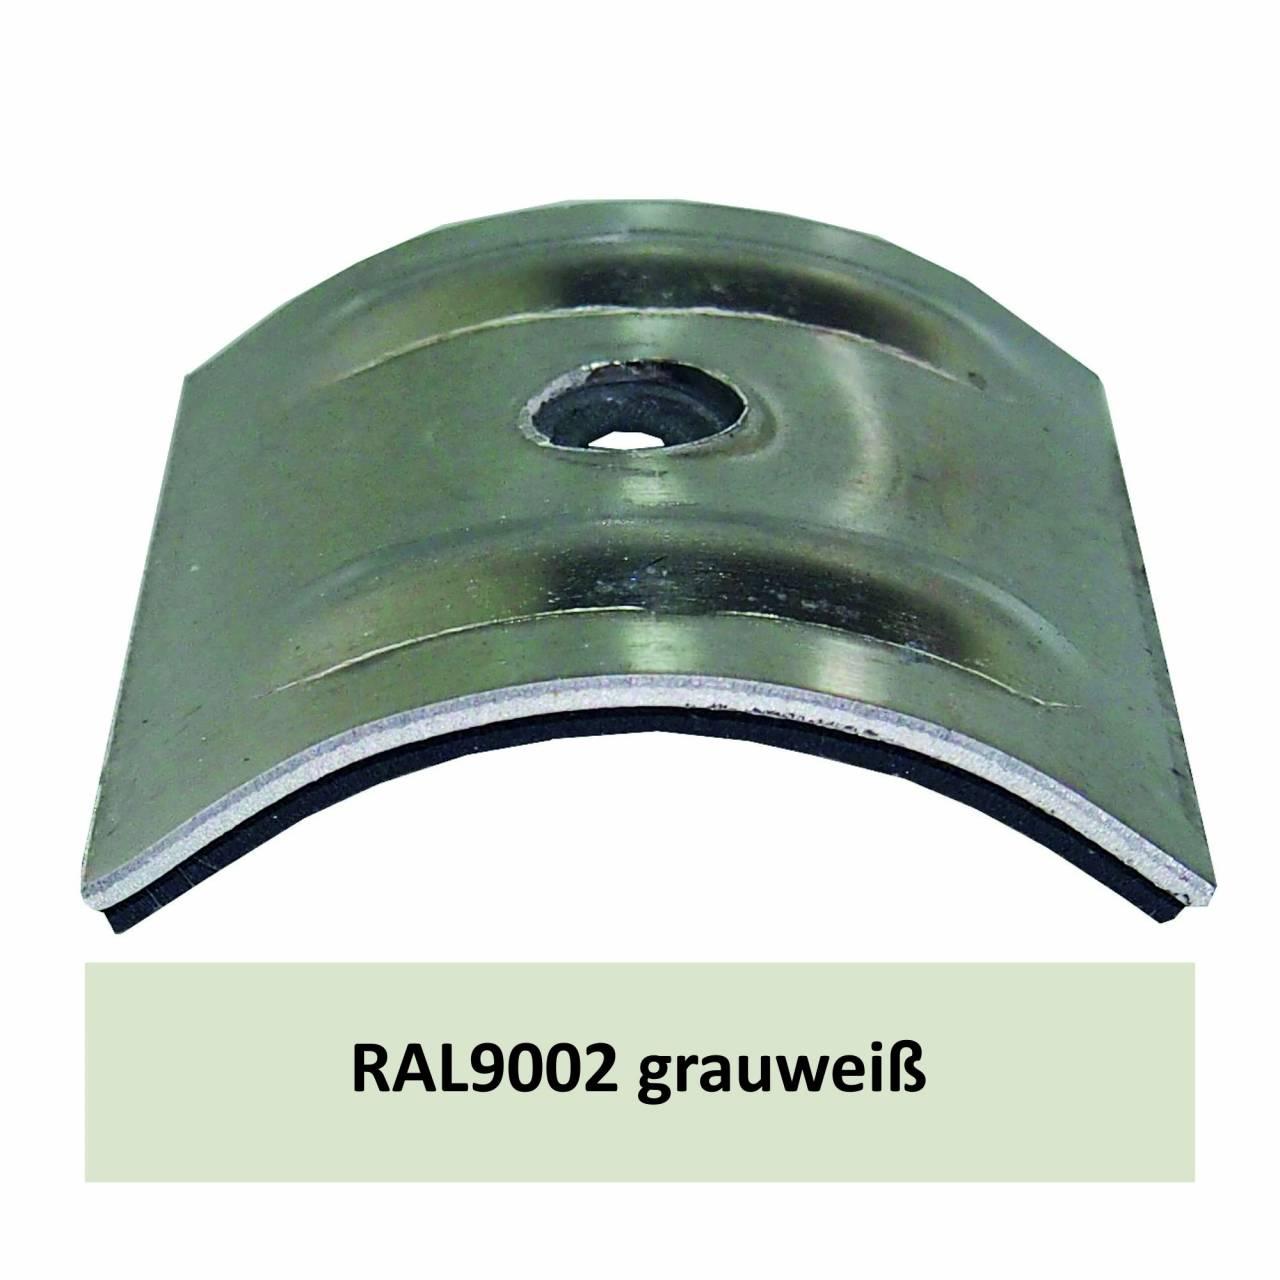 Kalotten für Welle 18/76, Alu RAL9002 grauweiß / Pck a 100 Stück